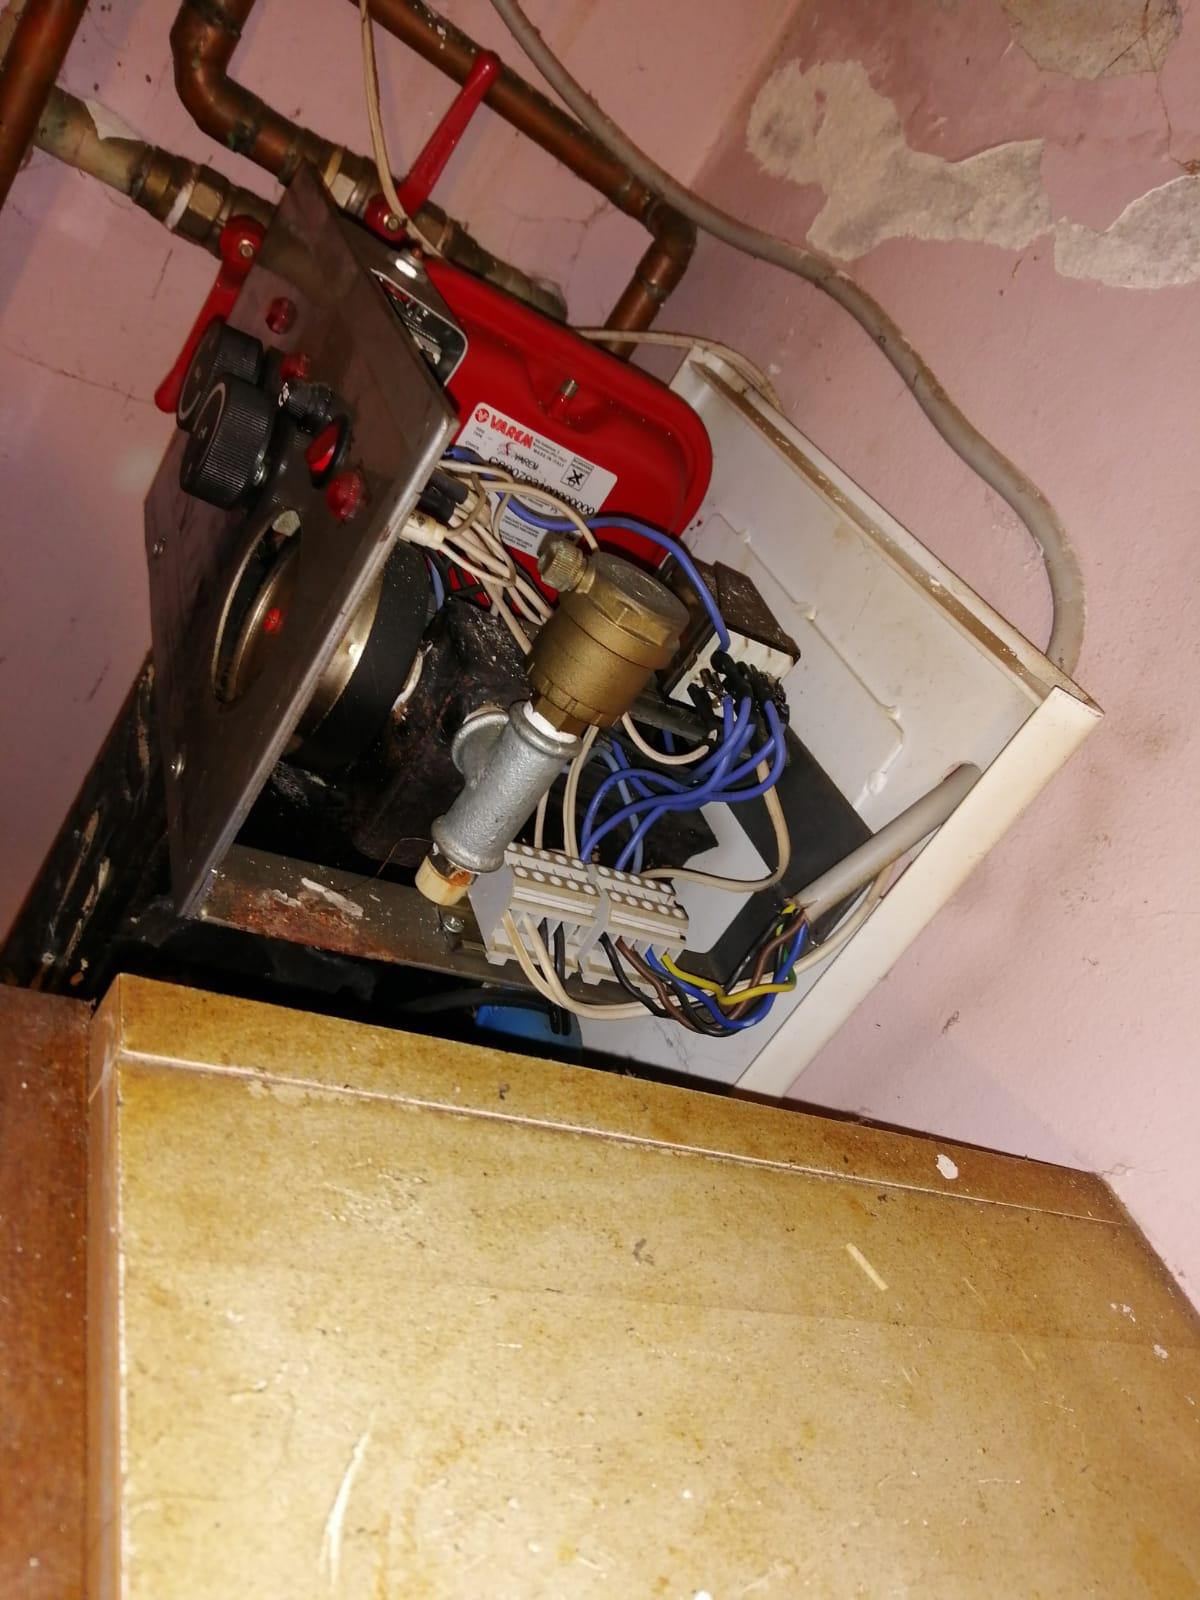 koji se javljaju u vašem domu gde su električarske prirode znači Vrlo često može doći do skakanje osigurača pa je haos majstor Toma taj vaš kućni majstor kuće svetu pregledati videti da li je došlo do pregrevanja osigurača usled Nekog velikog otpora u vašem stanu odnosno kvara na nekom od električnih uređaja kao što električni štednjak kvara narednih ringli u samo električne instalacije ili došlo do kvara na bojleru na grejaču bojlera na njegov električne instalacije ili se pokvarila te opet koja Vrlo često može da izazove kuršlus u stanu. ako se vratimo na etažno grejanje i na grejanje uopšte granny može biti parno i centralnog ili etažno grejanje odnosno u novije vreme sve je to na neki način pomešano za pivo Koji deo popravke servisa montaža ili demontaža potrebne pozvati kućnog majstora Tomu električara to jest majstora koji popravlja servisira i otklanja kvarove na etažno grejanje u Beogradu Borči Borči Vračaru. dolazim i popravljam sve to je ono što kaže Haus majstor Toma kaže da pozovete A šta to može biti sve možete vi sami da mi nađete ako krenemo od električnih aparata to jest električnih uređaja koji se nalazi u kuhinji u vašim kupatilima jednoj sobi to može biti sijalica se lično grlo i usta nameštanje otklanjanje kvarova ili povezivanje. možeš posebne specijalnost biti i nameštanje garnišni dobro često je potrebno ili ljudima popraviti roletnu odnosno izvršiti neku korekciju u stanu kao što su neki gipsani radovi ako govorimo o gipsanim radovima onda takođe Toma električar kaos majstor ima svog čoveka koji radi gipsane radove radove odnosno blage korekcije Koje su potrebne u vašem stanu Vrlo često tako reakcije se odnosi jedino popravljanje zidova na krpljenje posle nameštanja stolarije vrata prozora izbijanje određenih delova zidova i tome slično odnosno gipsanih radova. dolazi u svako doba dana ili noći može vršiti popravke Matea pećima treba peći su Vrlo često jako bitna stavka u vašem domovima pogotovo mojim zimskim mesecima od oktobra novembra dece